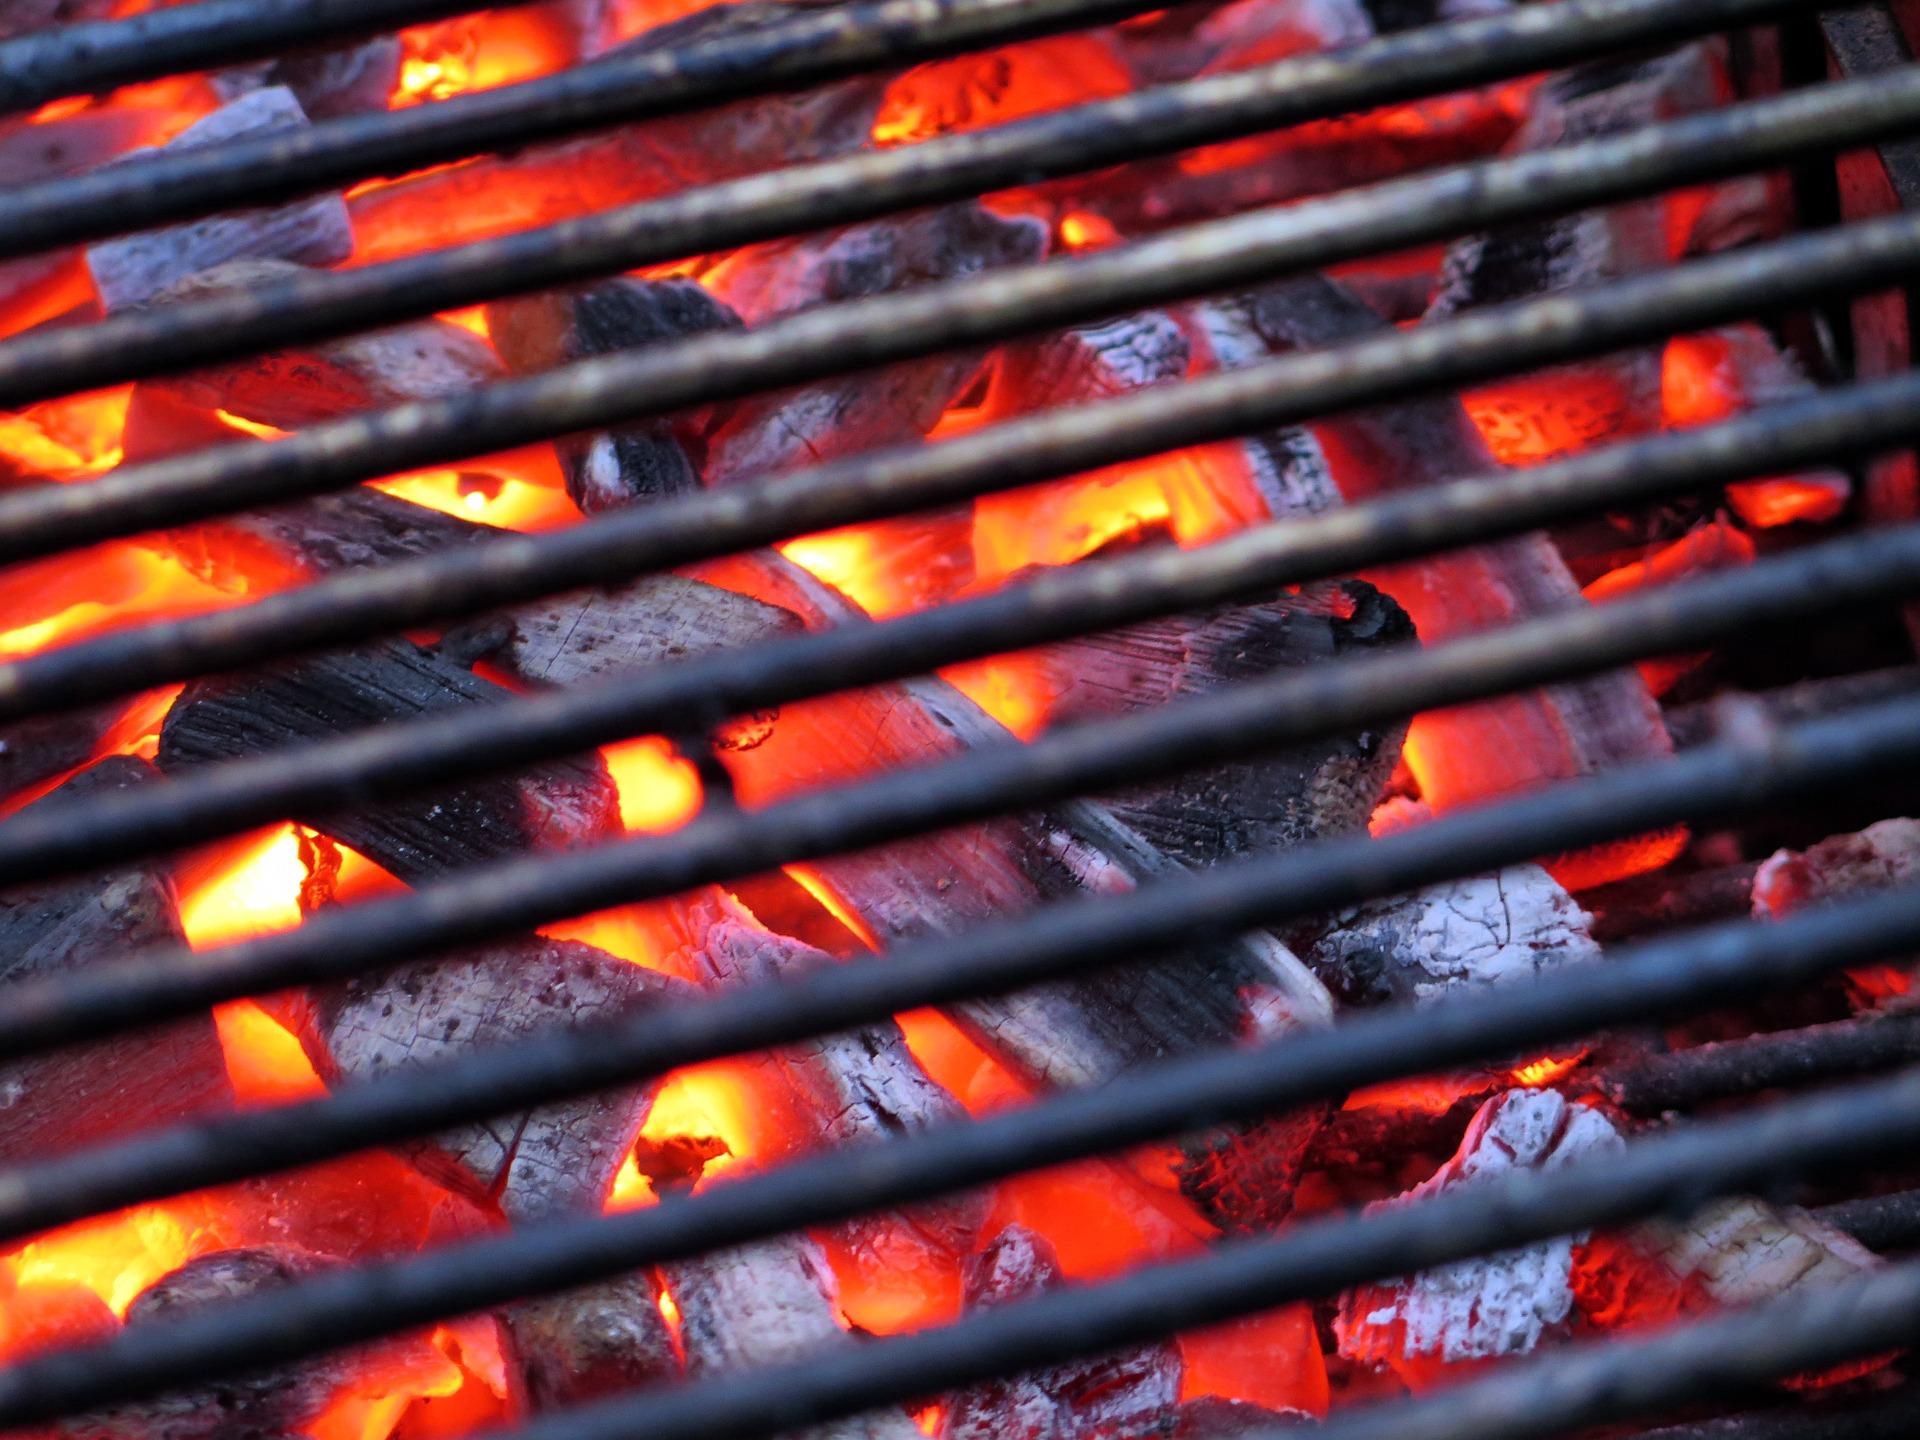 Die Holzkohle wird beim indirekten Grillen im Kugelgrill unterschiedlich verteilt